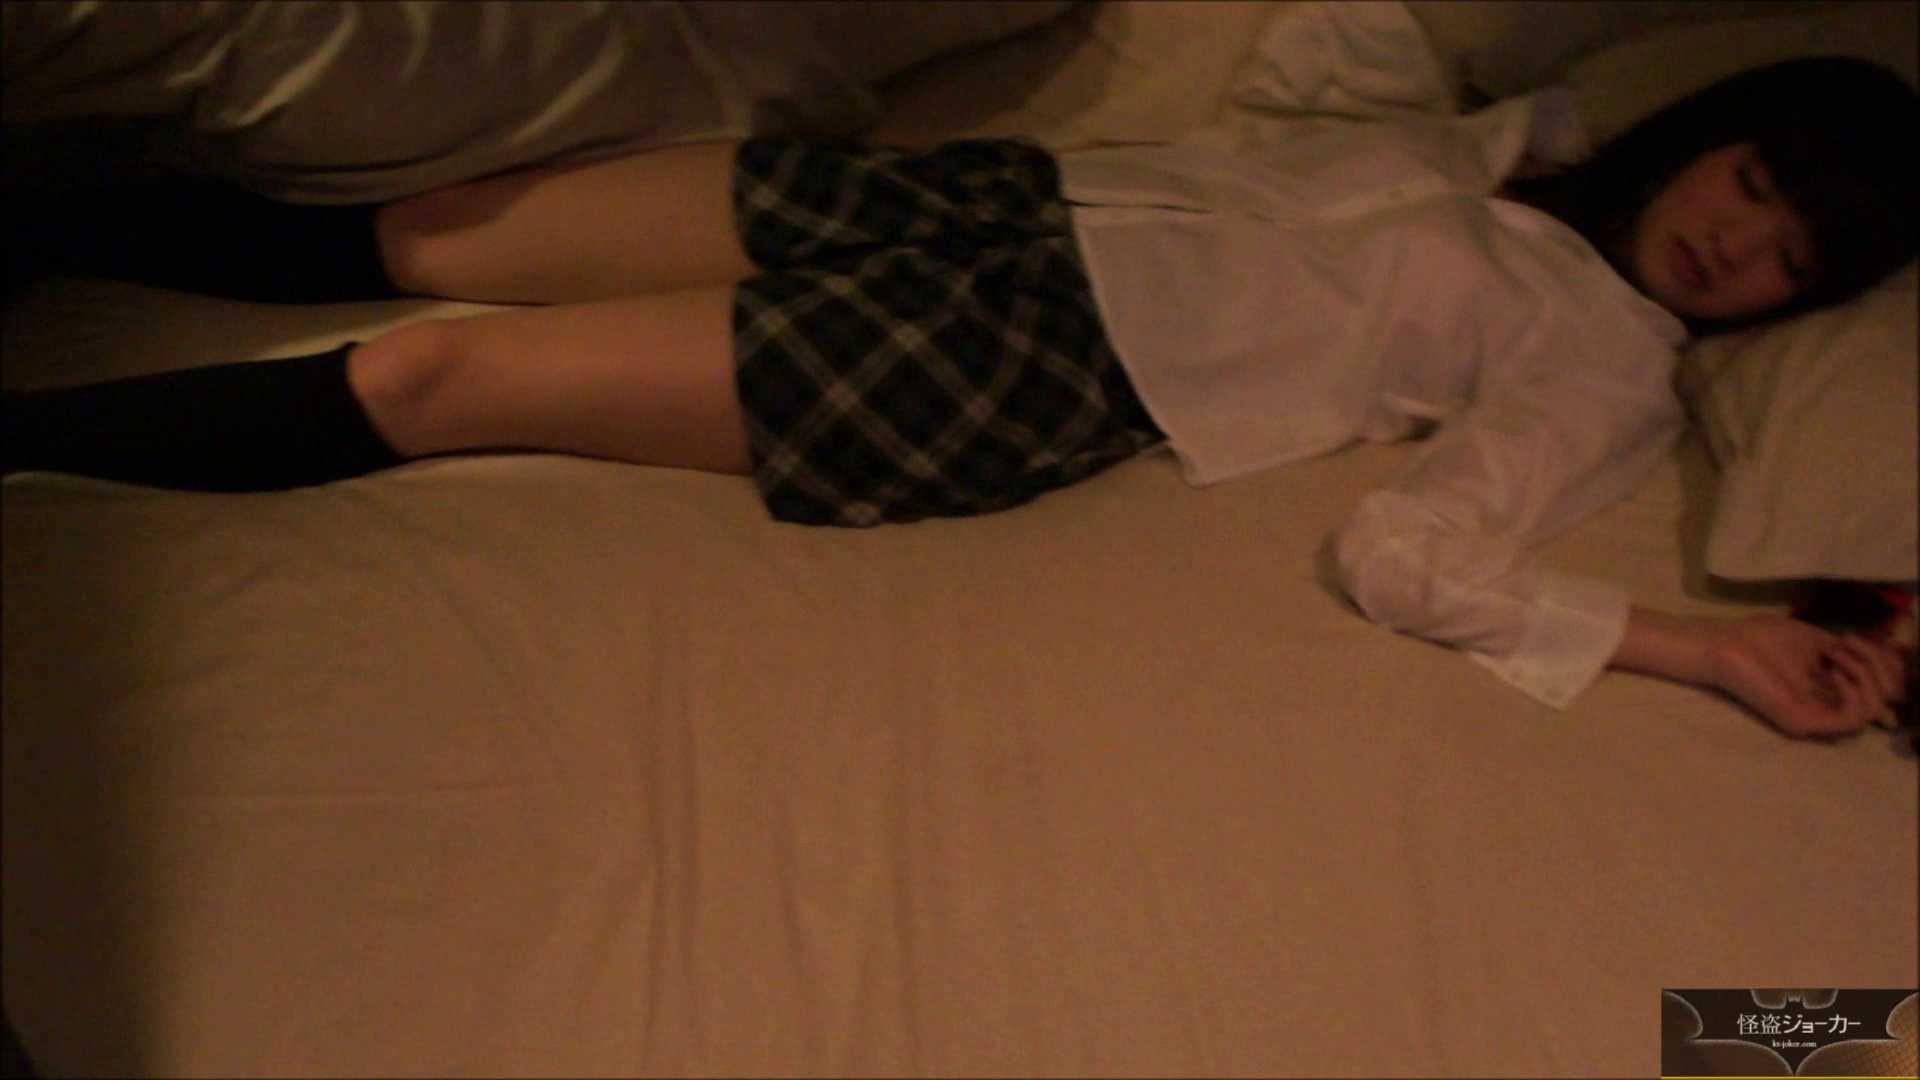 【未公開】vol.23 小春ちゃんを単独で連れ出すことに成功。 高画質 AV無料動画キャプチャ 62画像 21